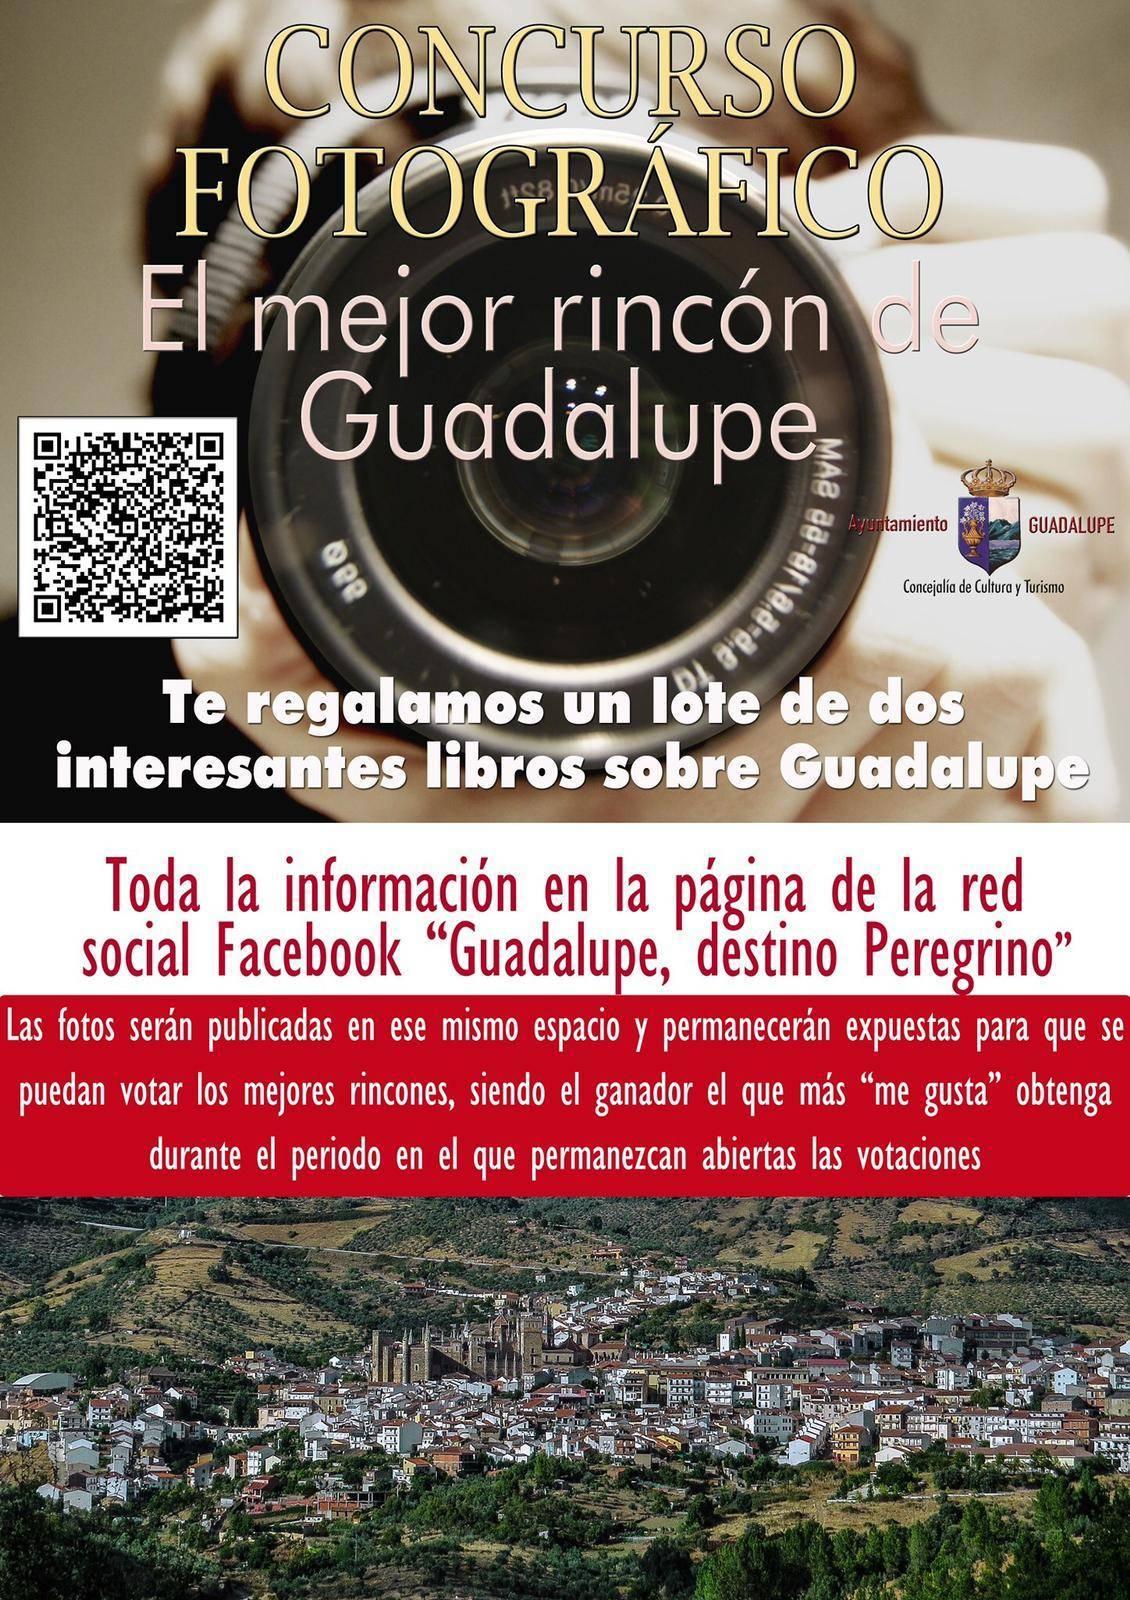 Concurso fotográfico del mejor rincón 2019 - Guadalupe (Cáceres)